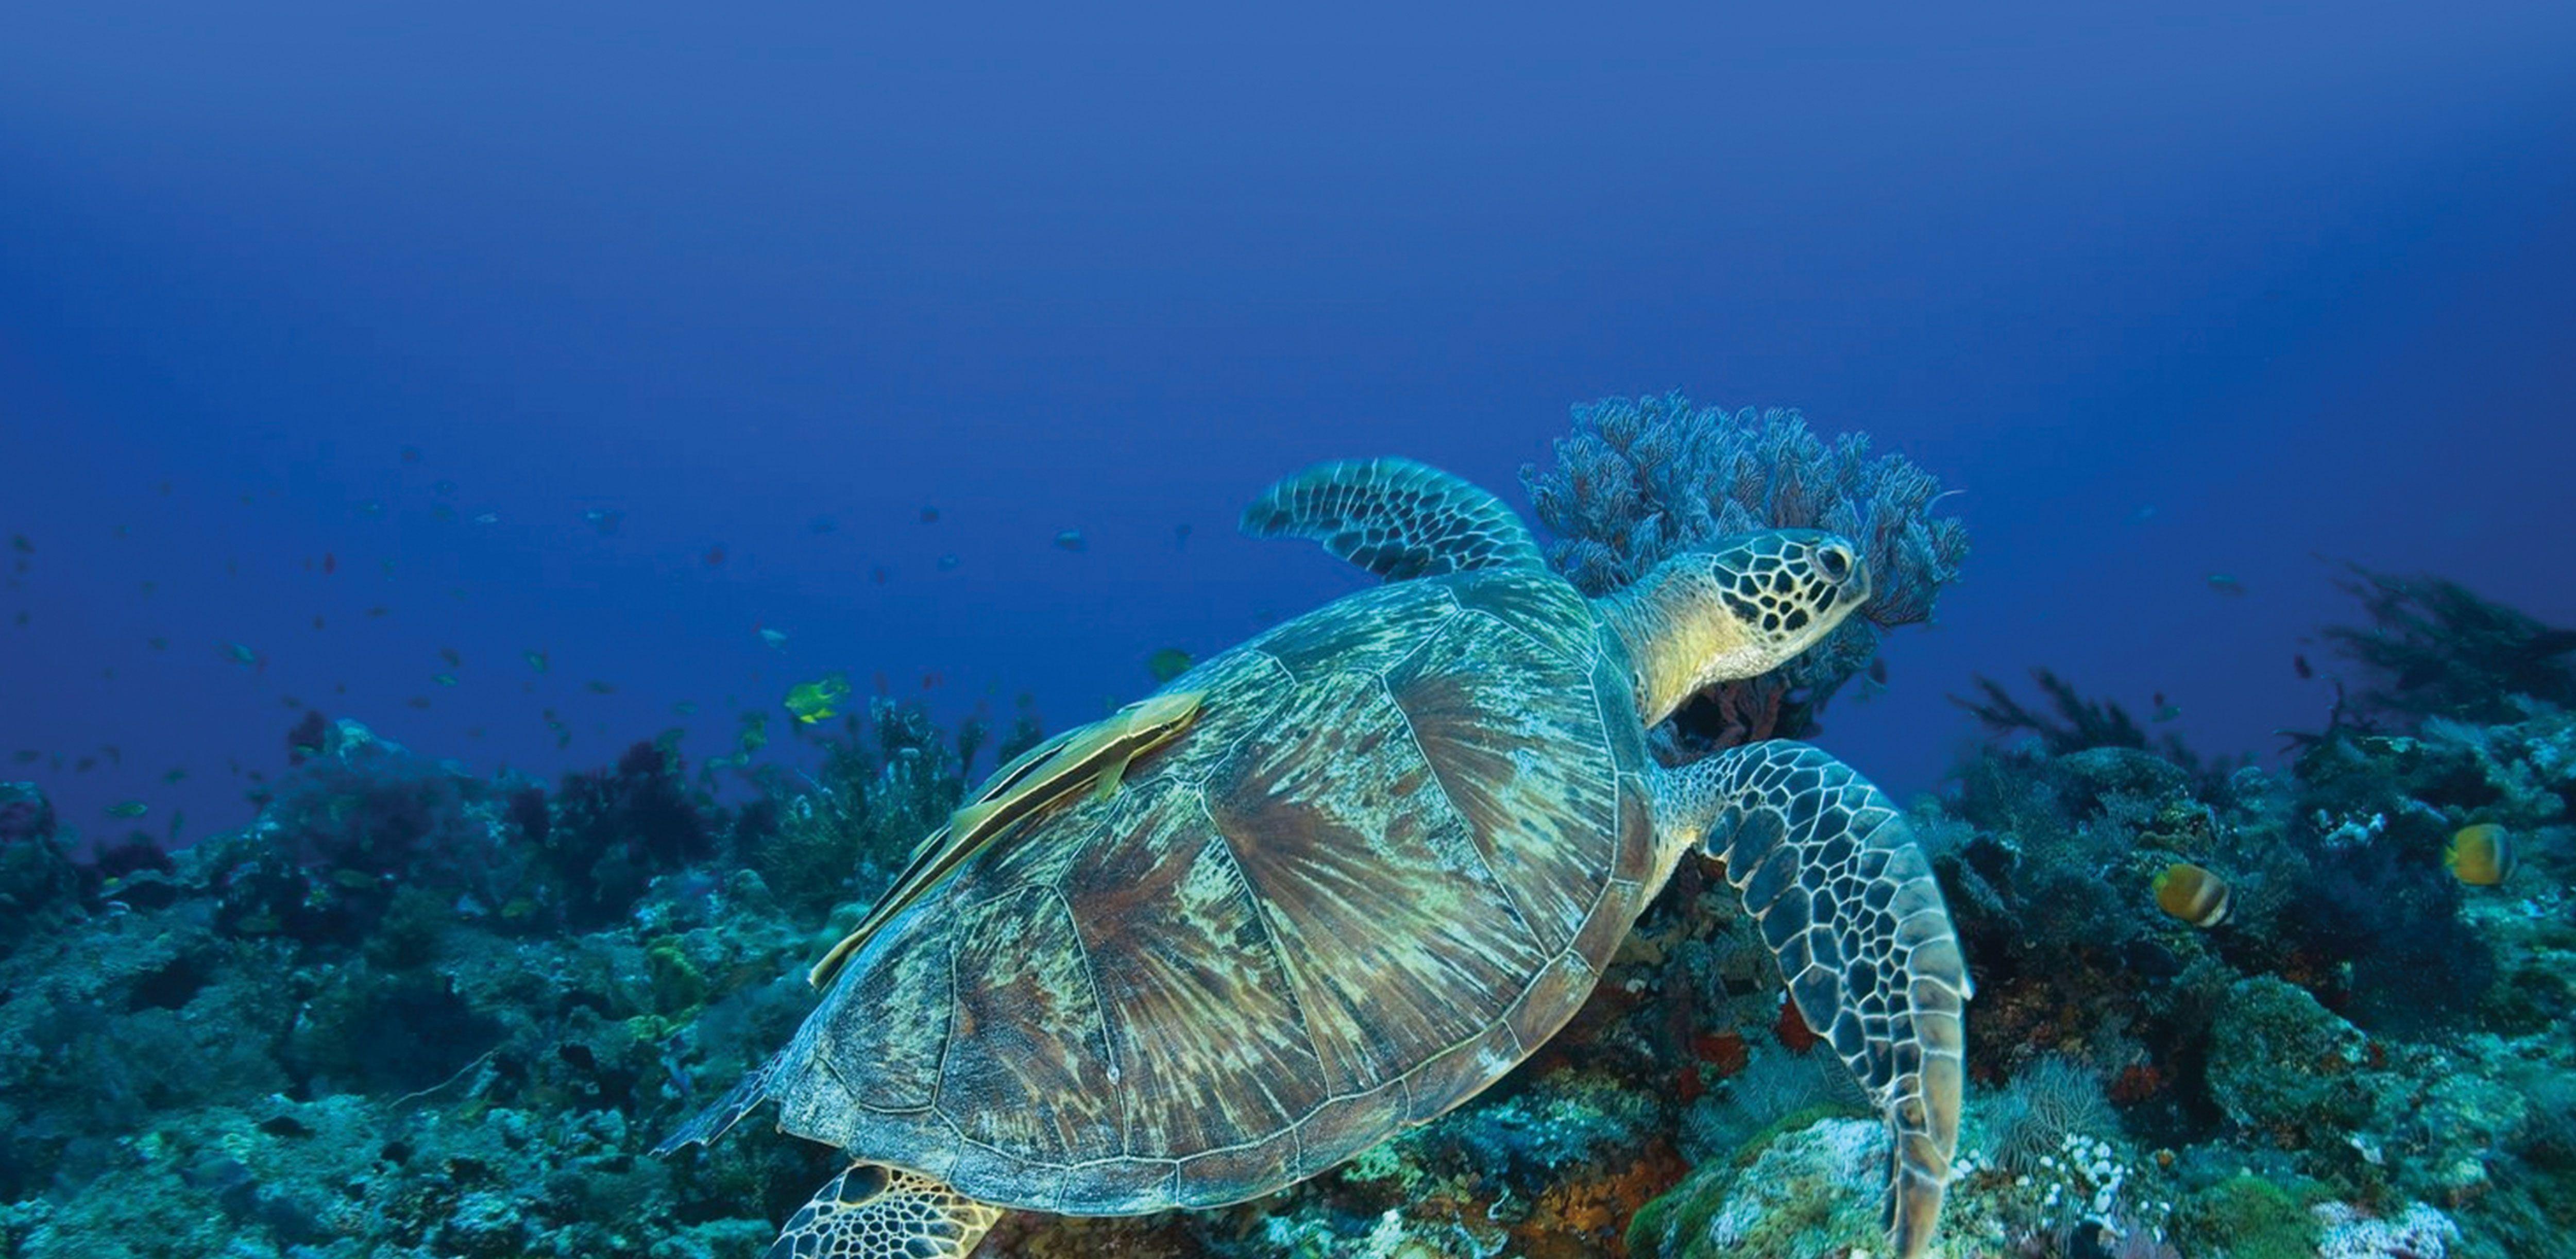 Las-Islas-Gili-en-Indonesia-buceo-snorkel